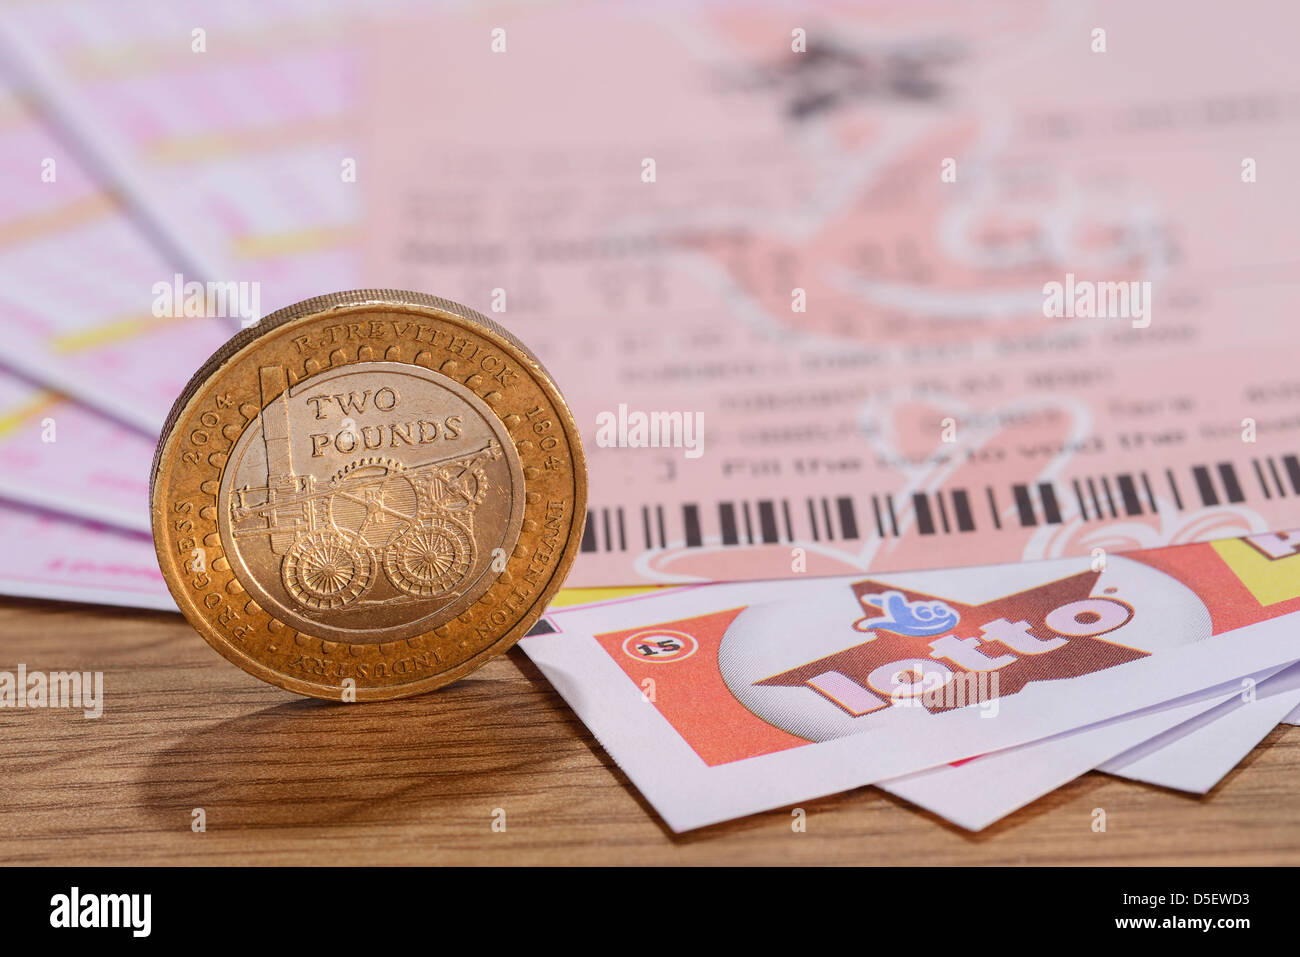 Nel Regno Unito i biglietti del lotto con un due pound coin Immagini Stock